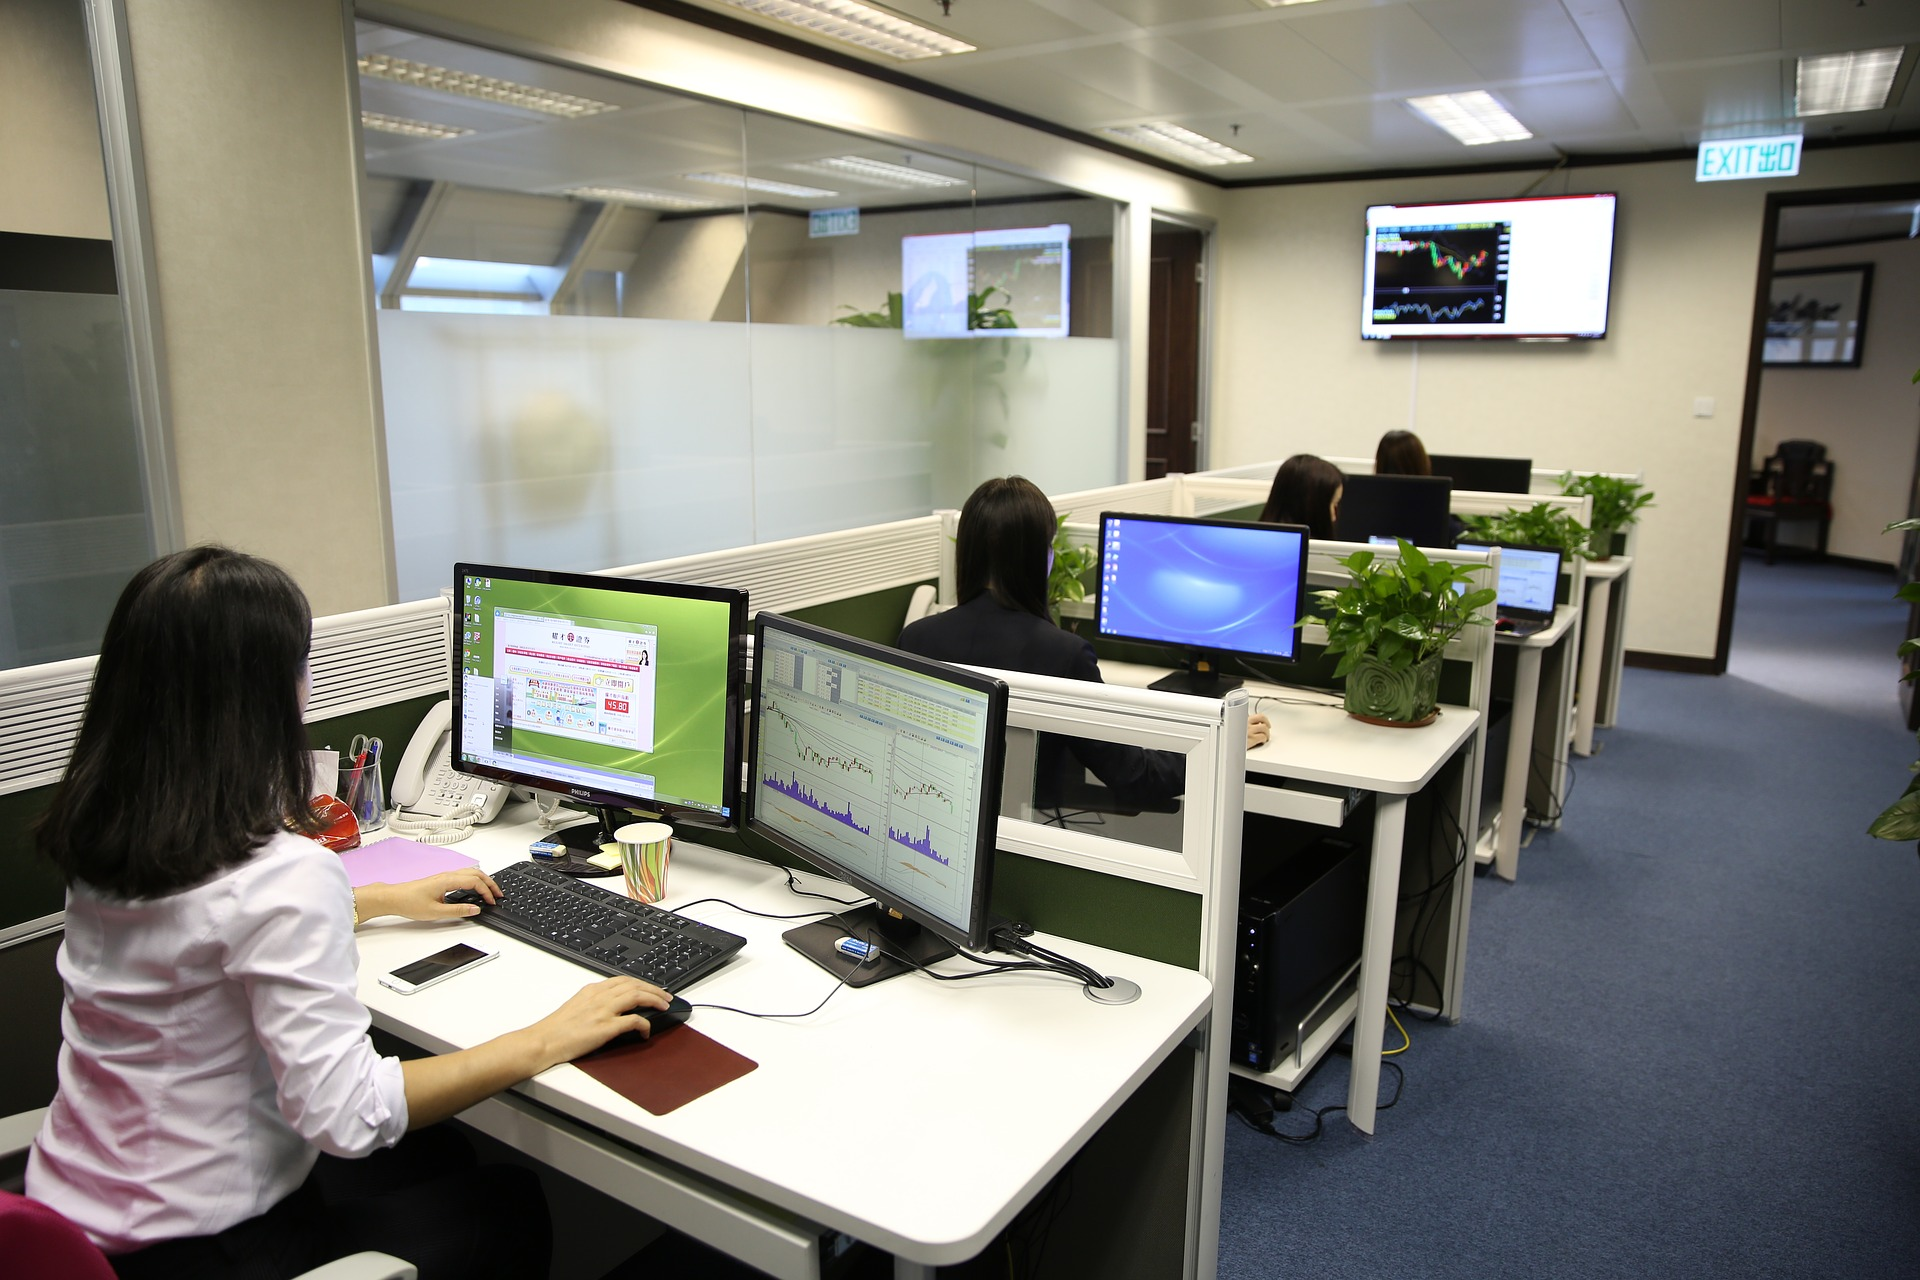 limpieza profesional de oficinas, limpieza a fondo de oficinas